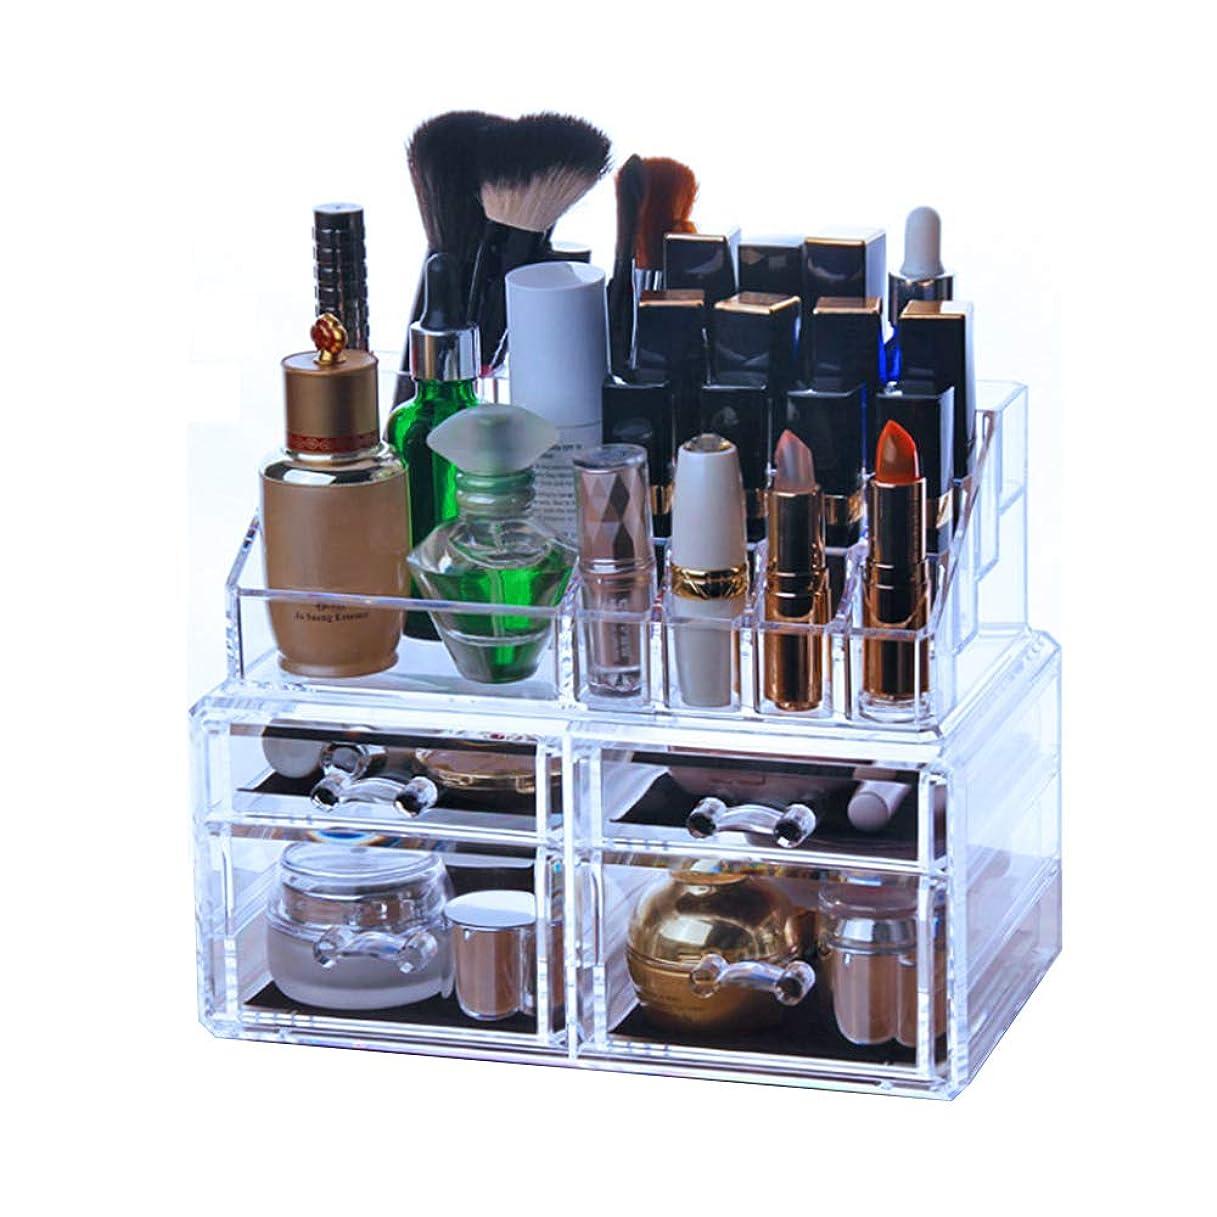 カラス盆ブランデーコスメ収納 化粧品収納ボックス メイクボックス 卓上収納 化粧品 収納 メイクケース スタンド 引き出し小物/化粧品入れ レディース大容量 高透明度 引き出し アクセサリー/化粧品入れ レディース化粧品入れ